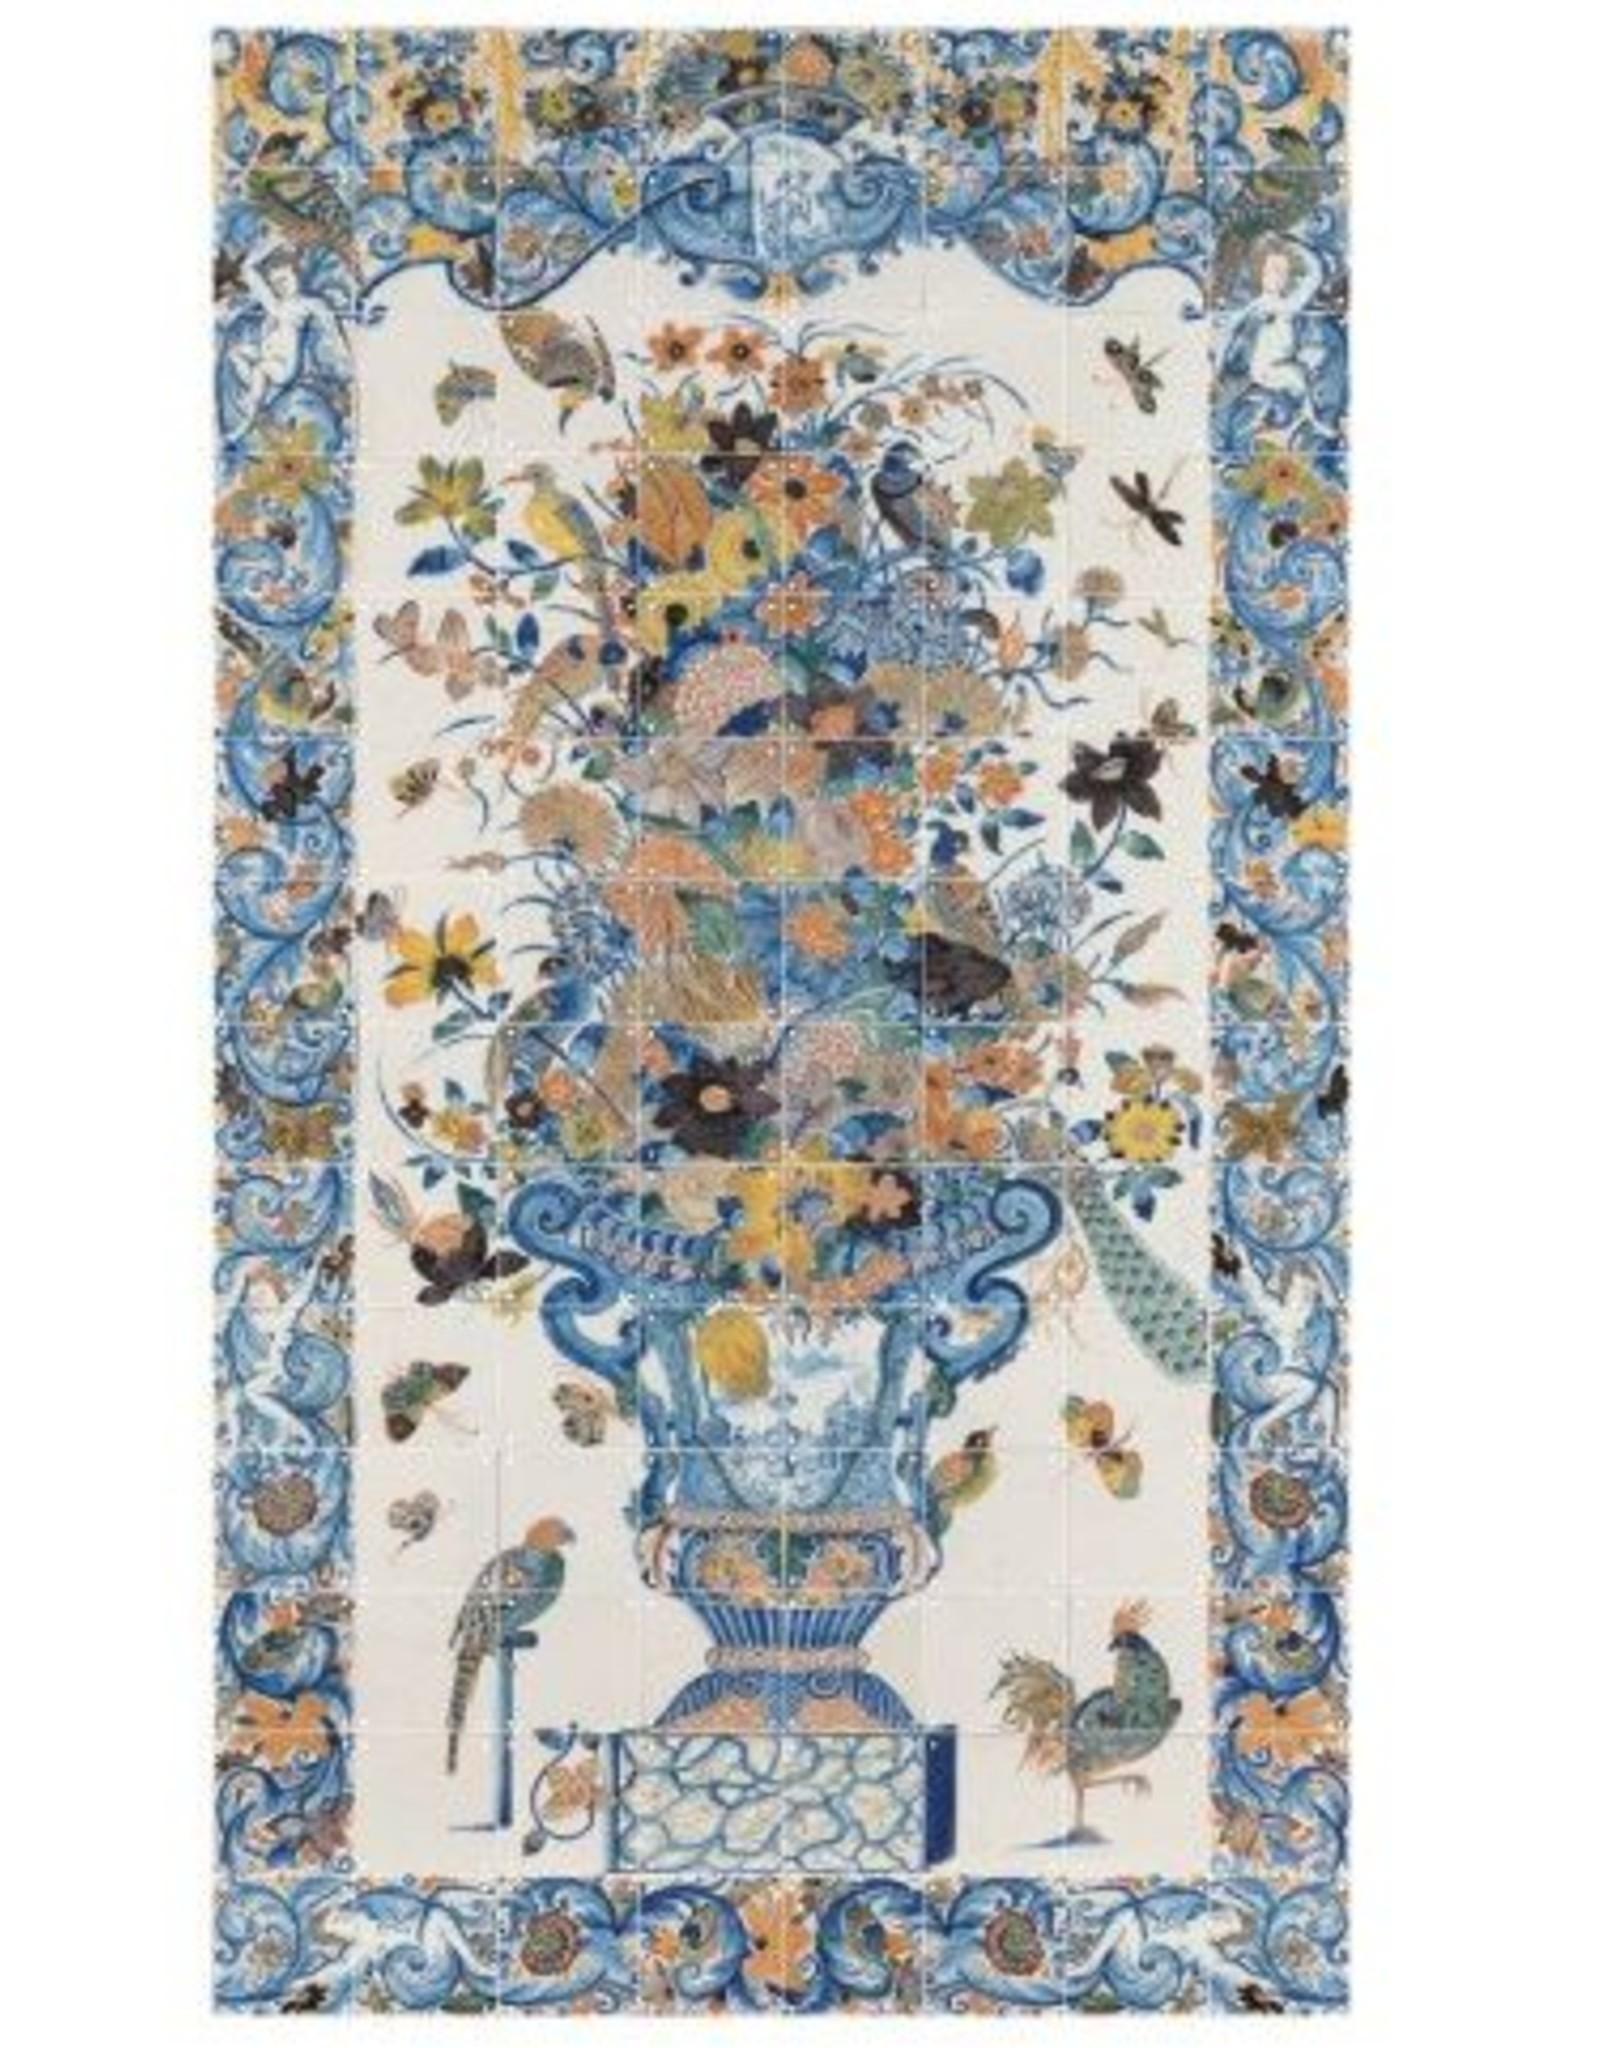 IXXI Tile Panel with Flowers - 112cm x 196cm